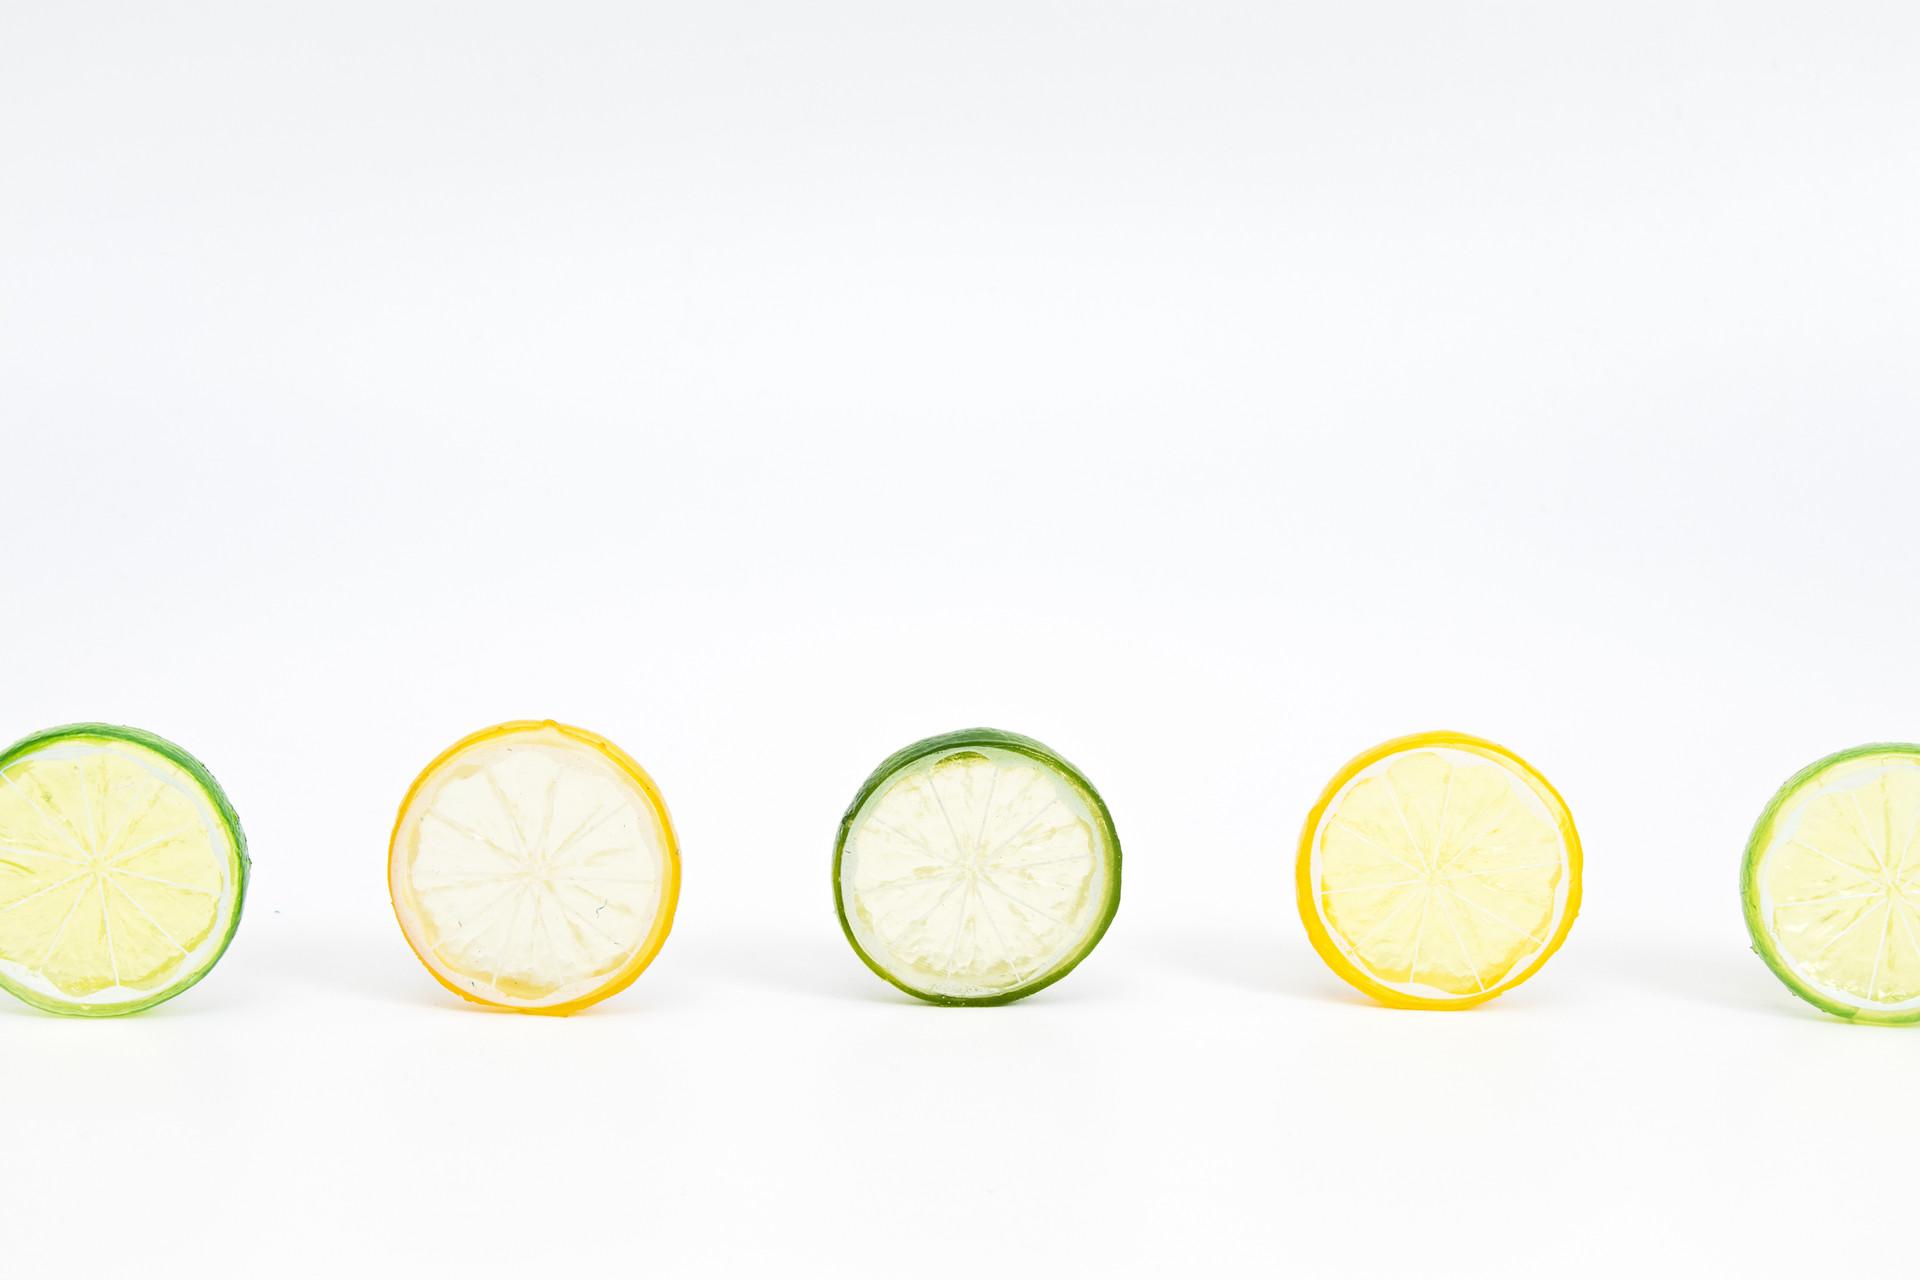 摄图网_500142566_banner_清新留白柠檬片设计背景(企业商用).jpg